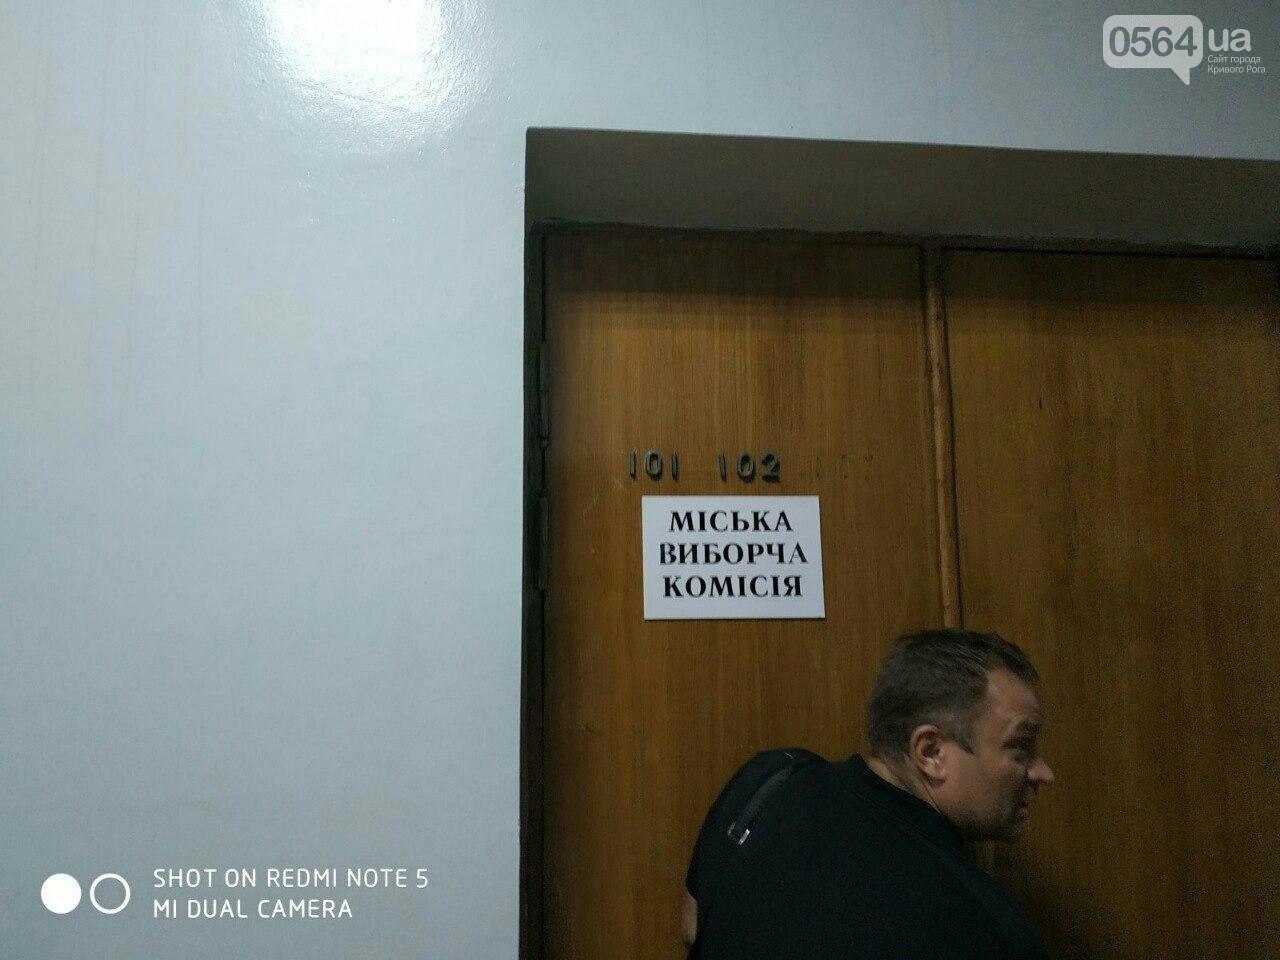 В Кривом Роге члены городской и районной избирательных комиссий провели первые заседания, - ФОТО, фото-4